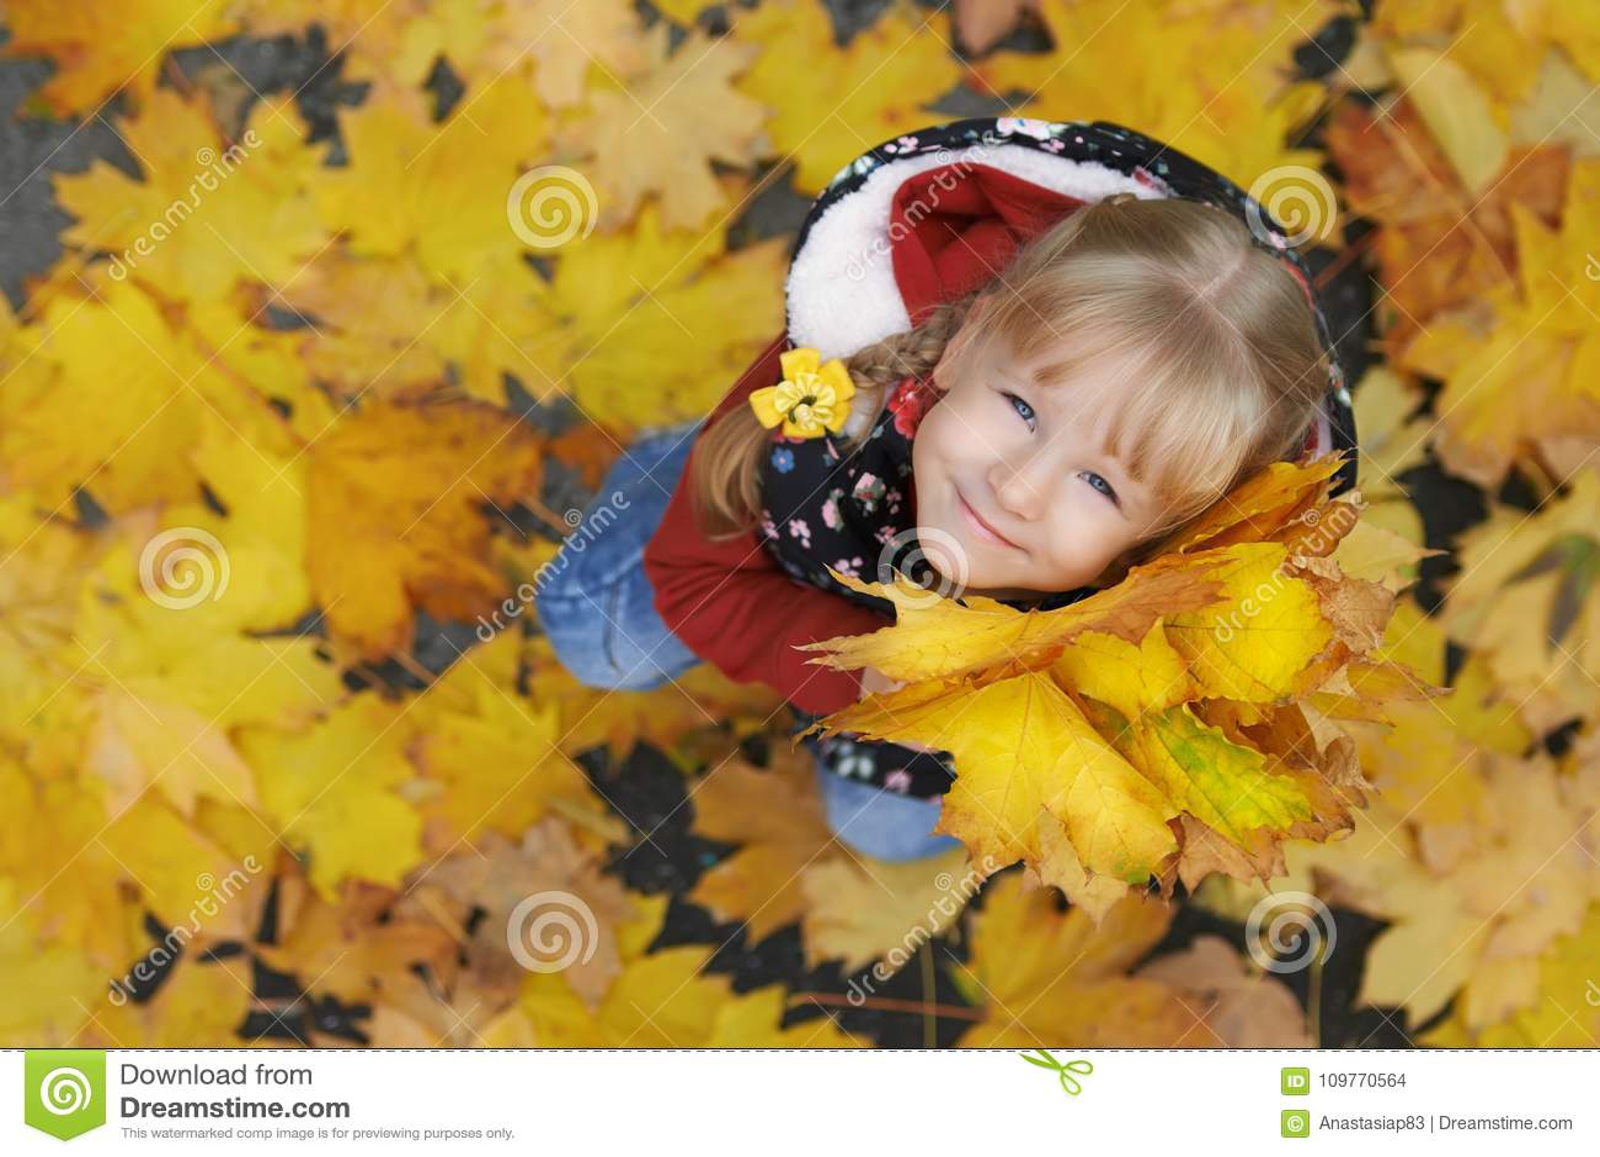 Πορτρέτο οδών φθινοπώρου του μικρού κοριτσιού που κρατά μια δέσμη των φύλλων σφενδάμου